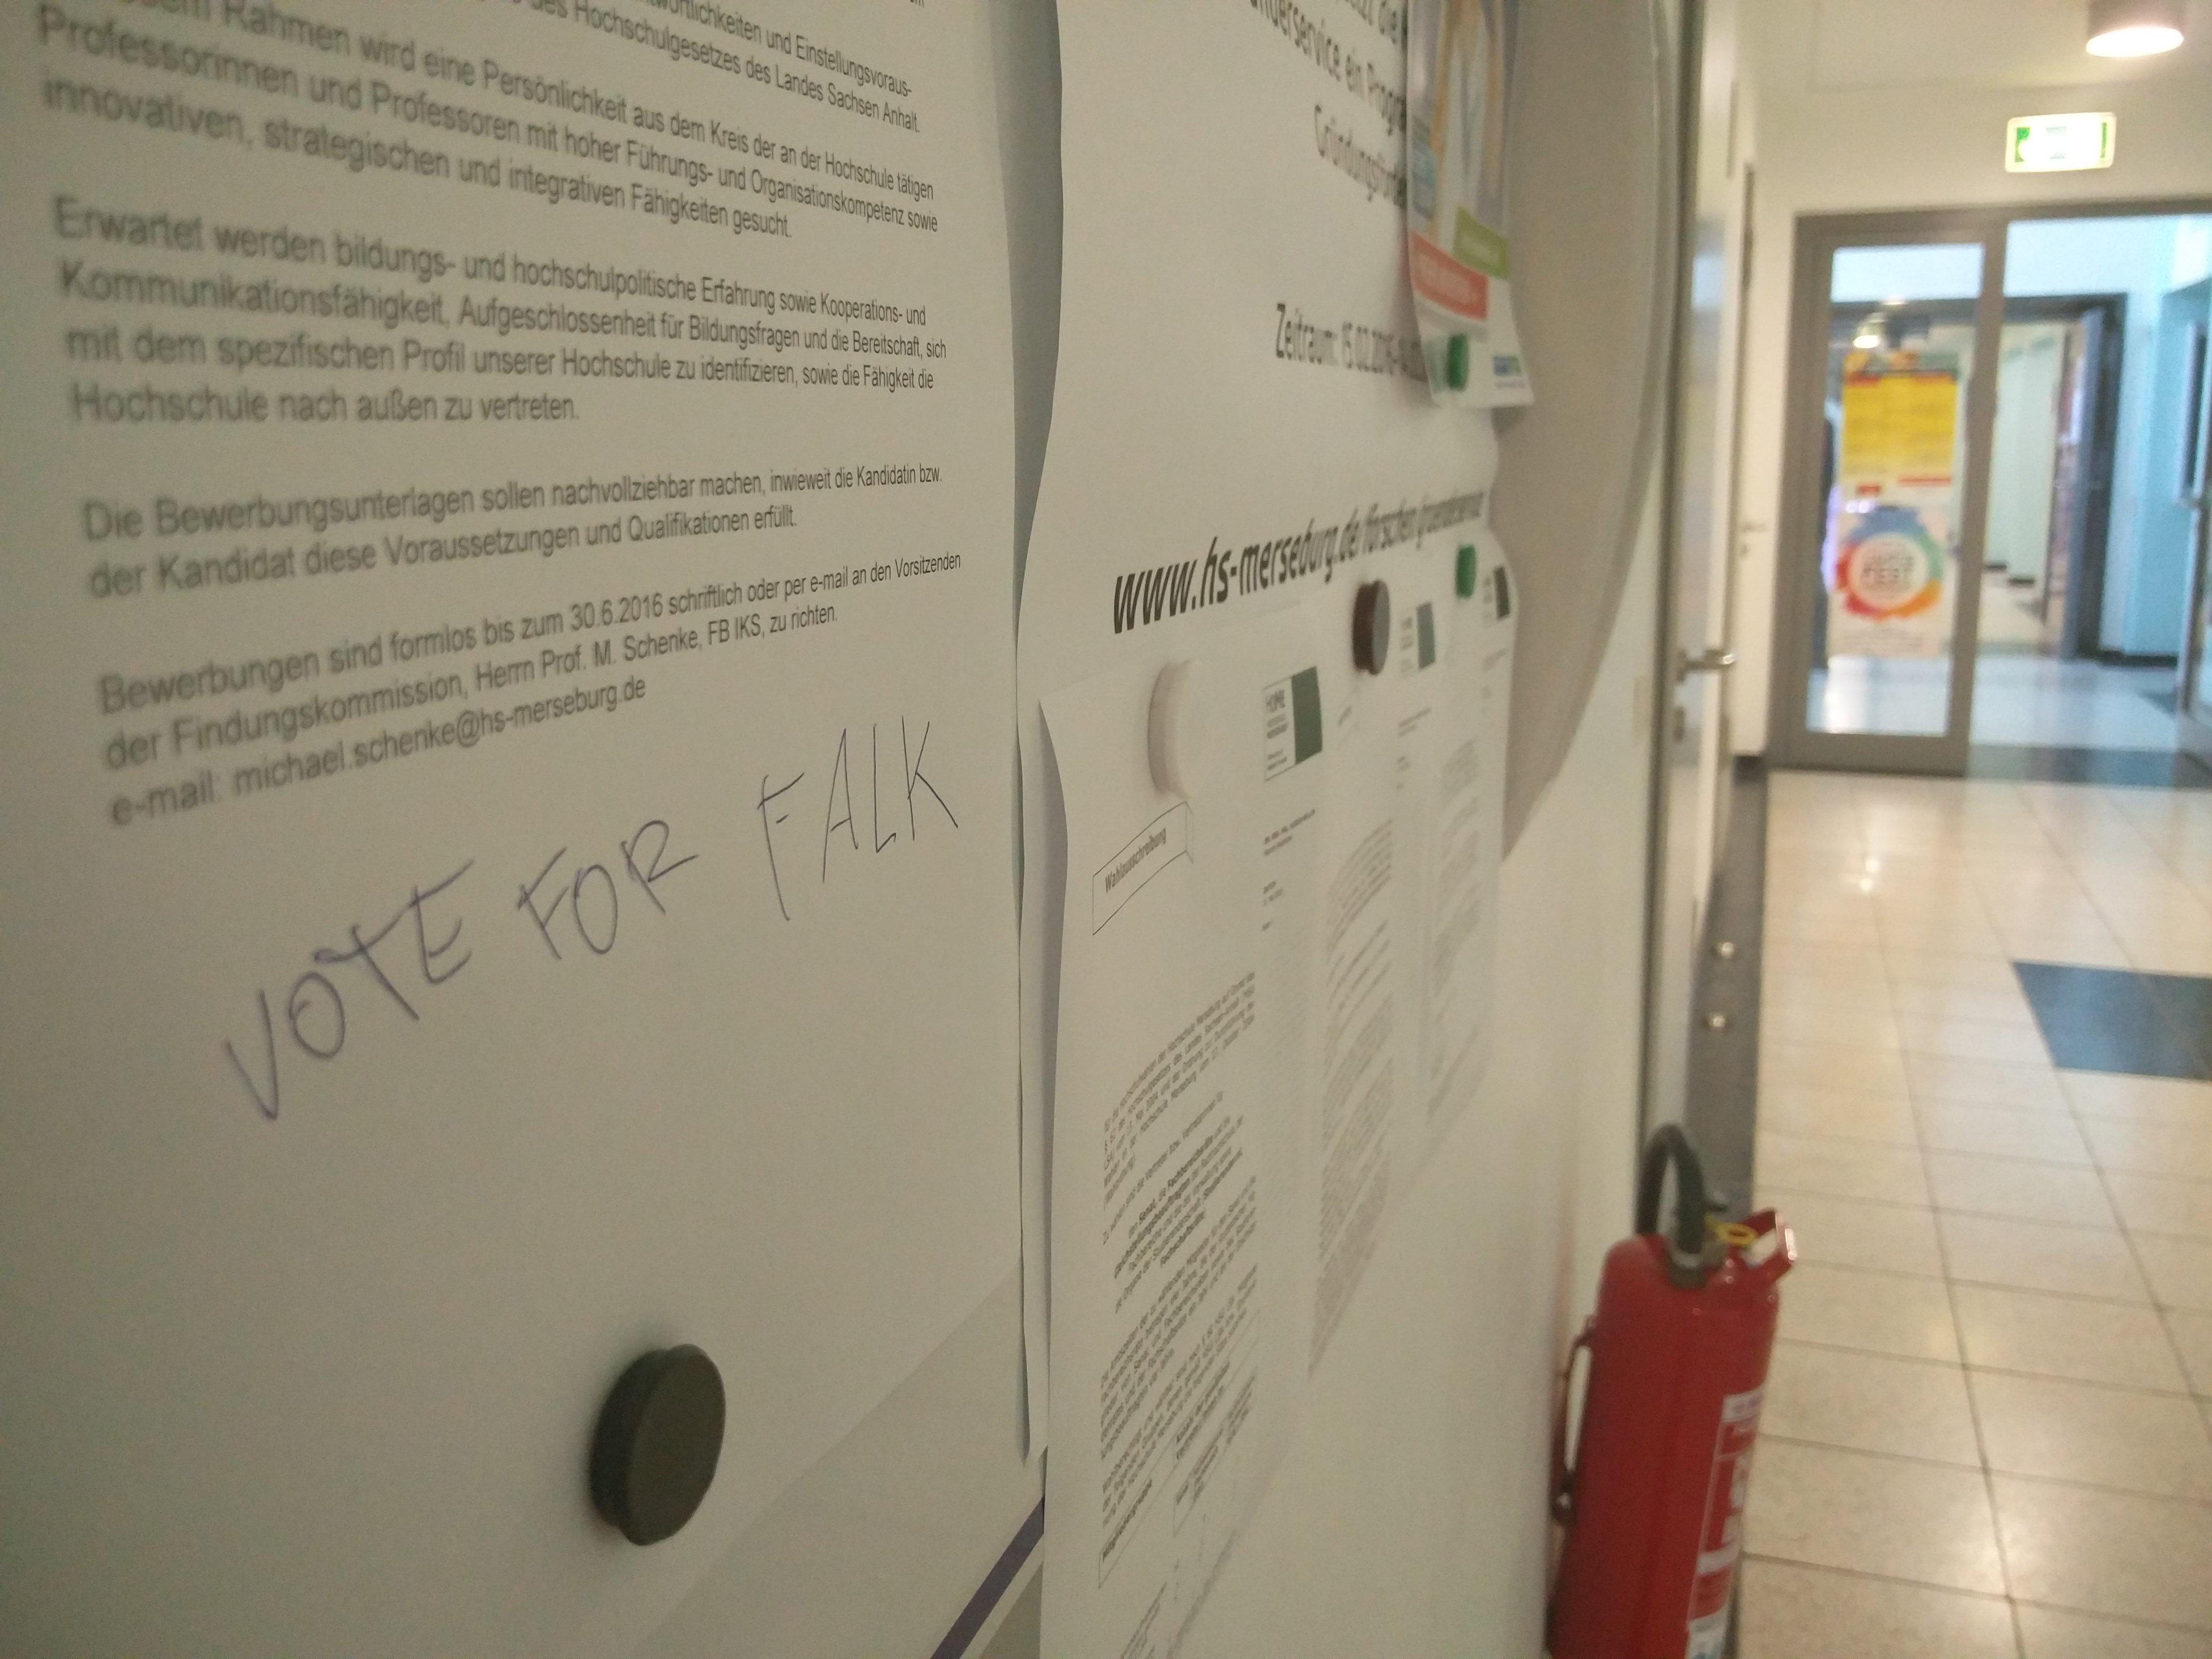 Vote for Falk